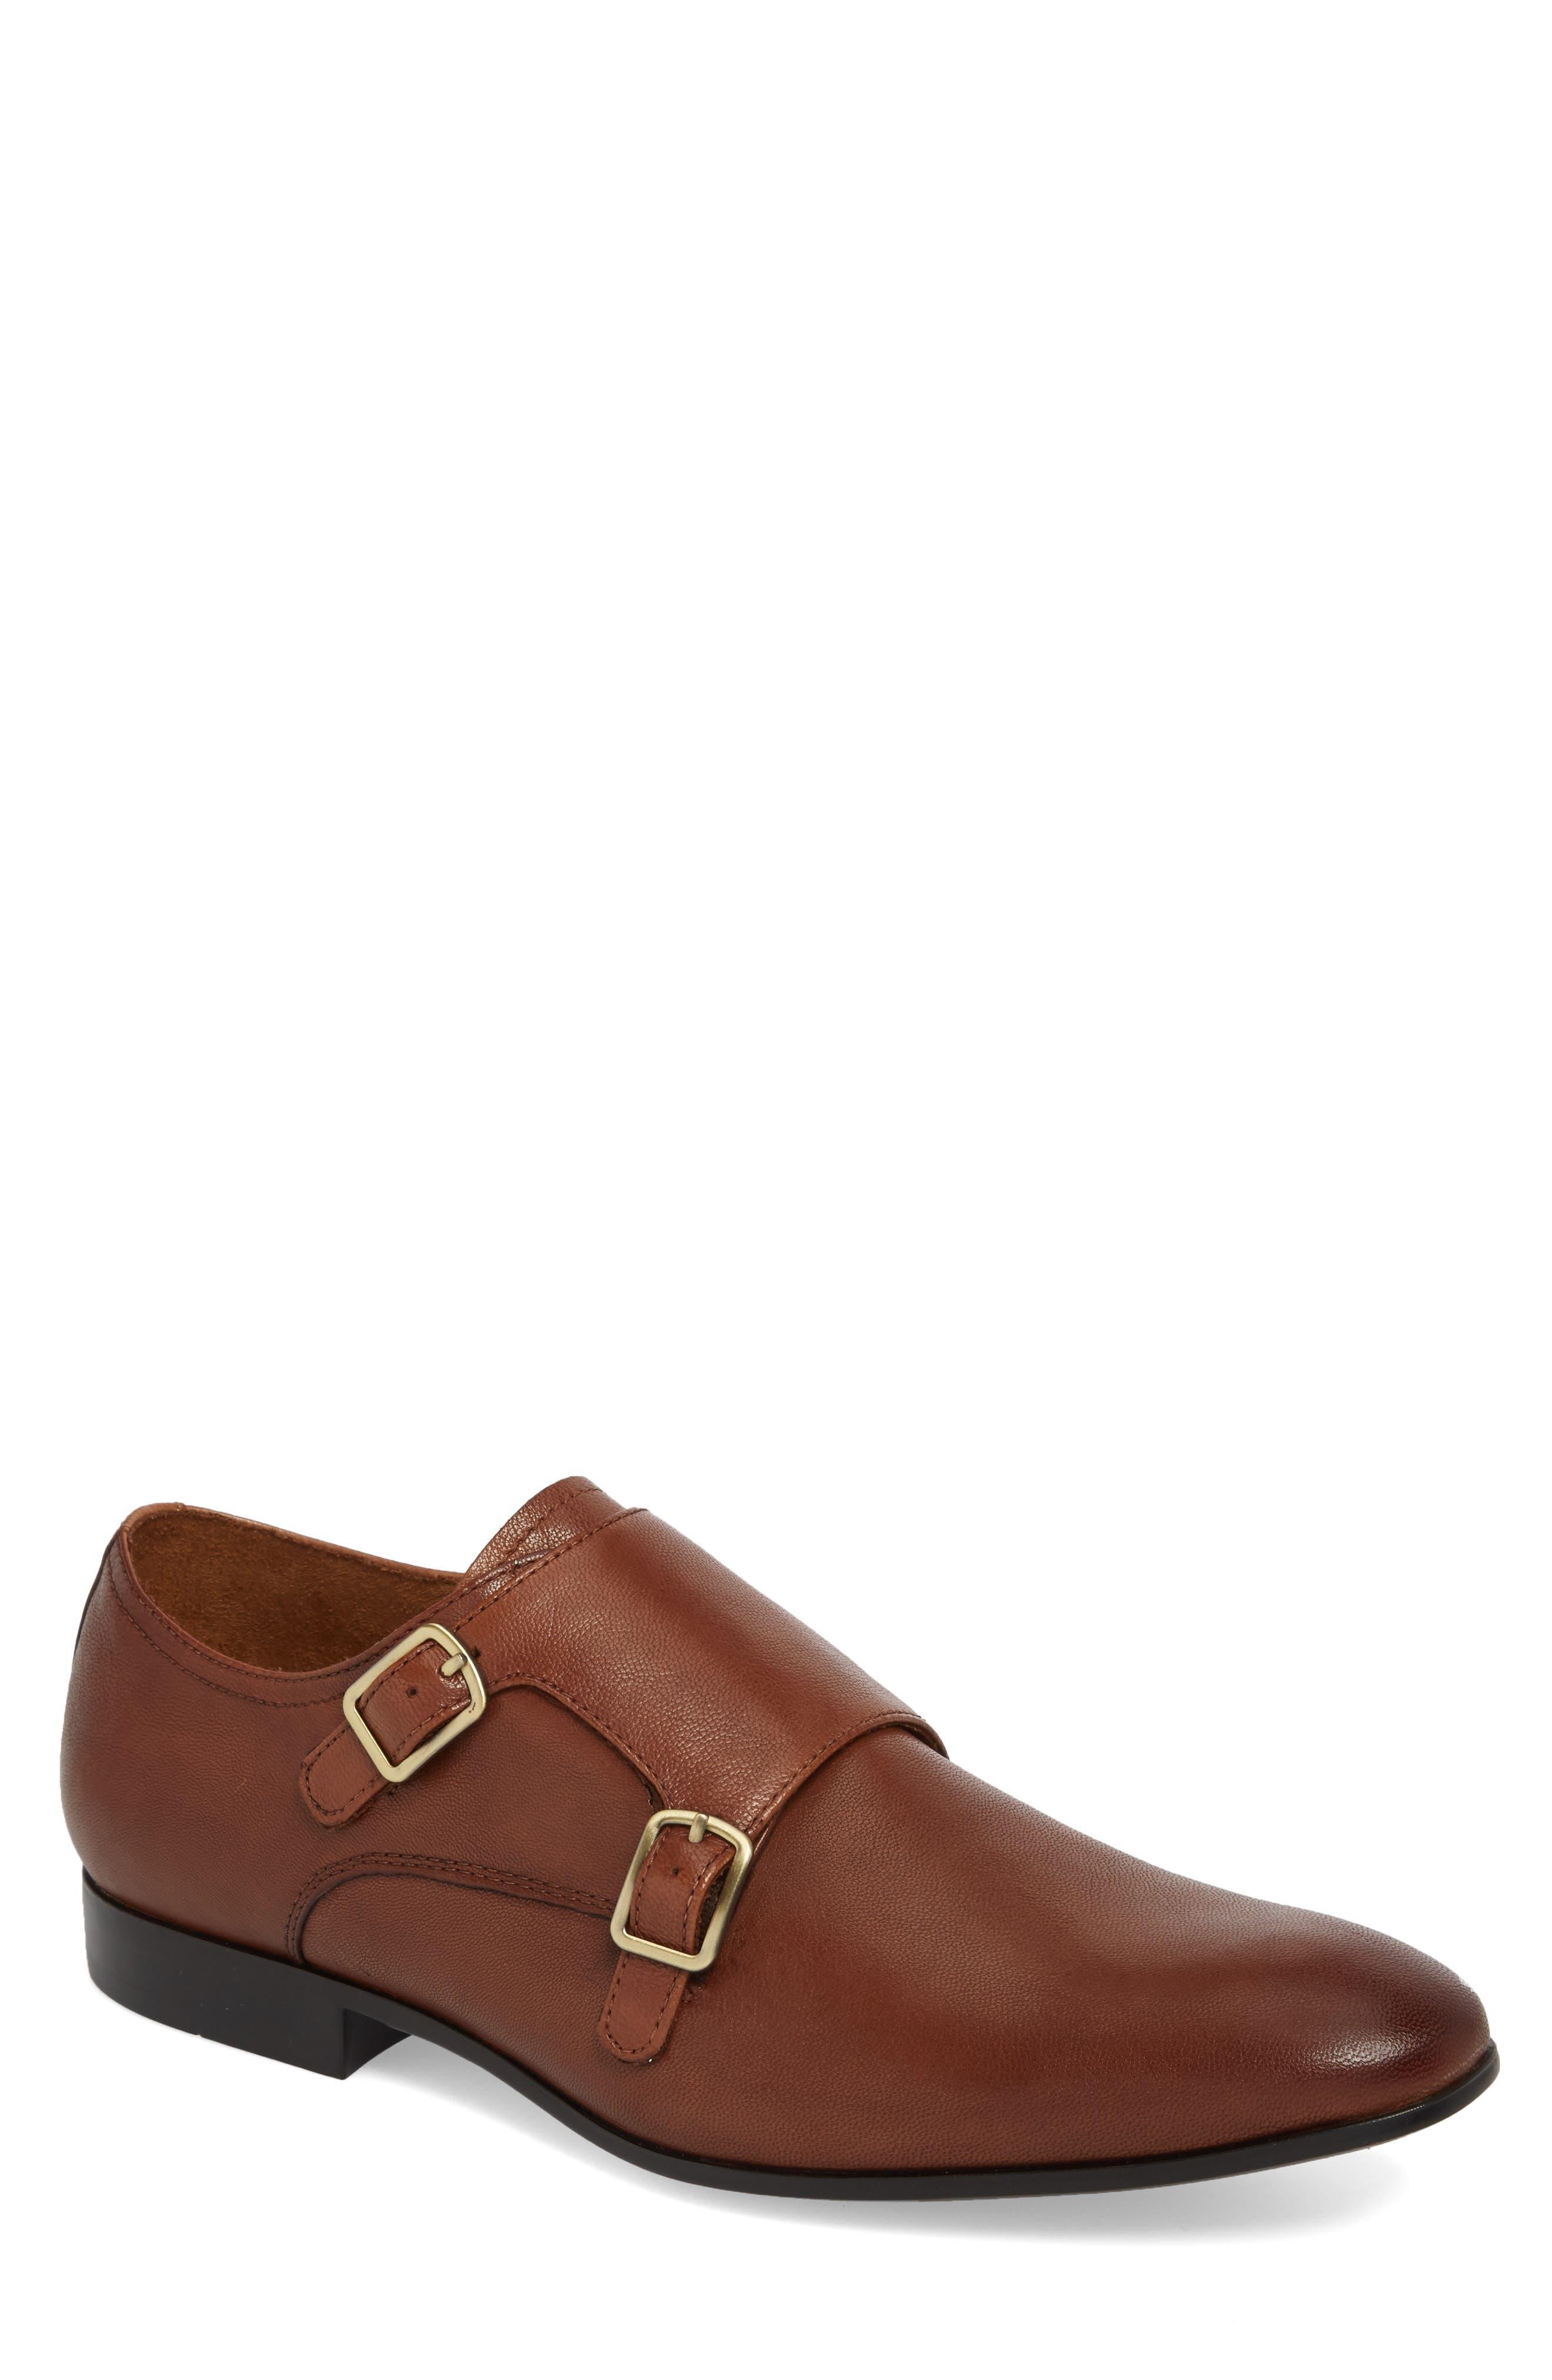 Mix Double Monk Strap Shoe,                             Main thumbnail 1, color,                             Cognac Leather